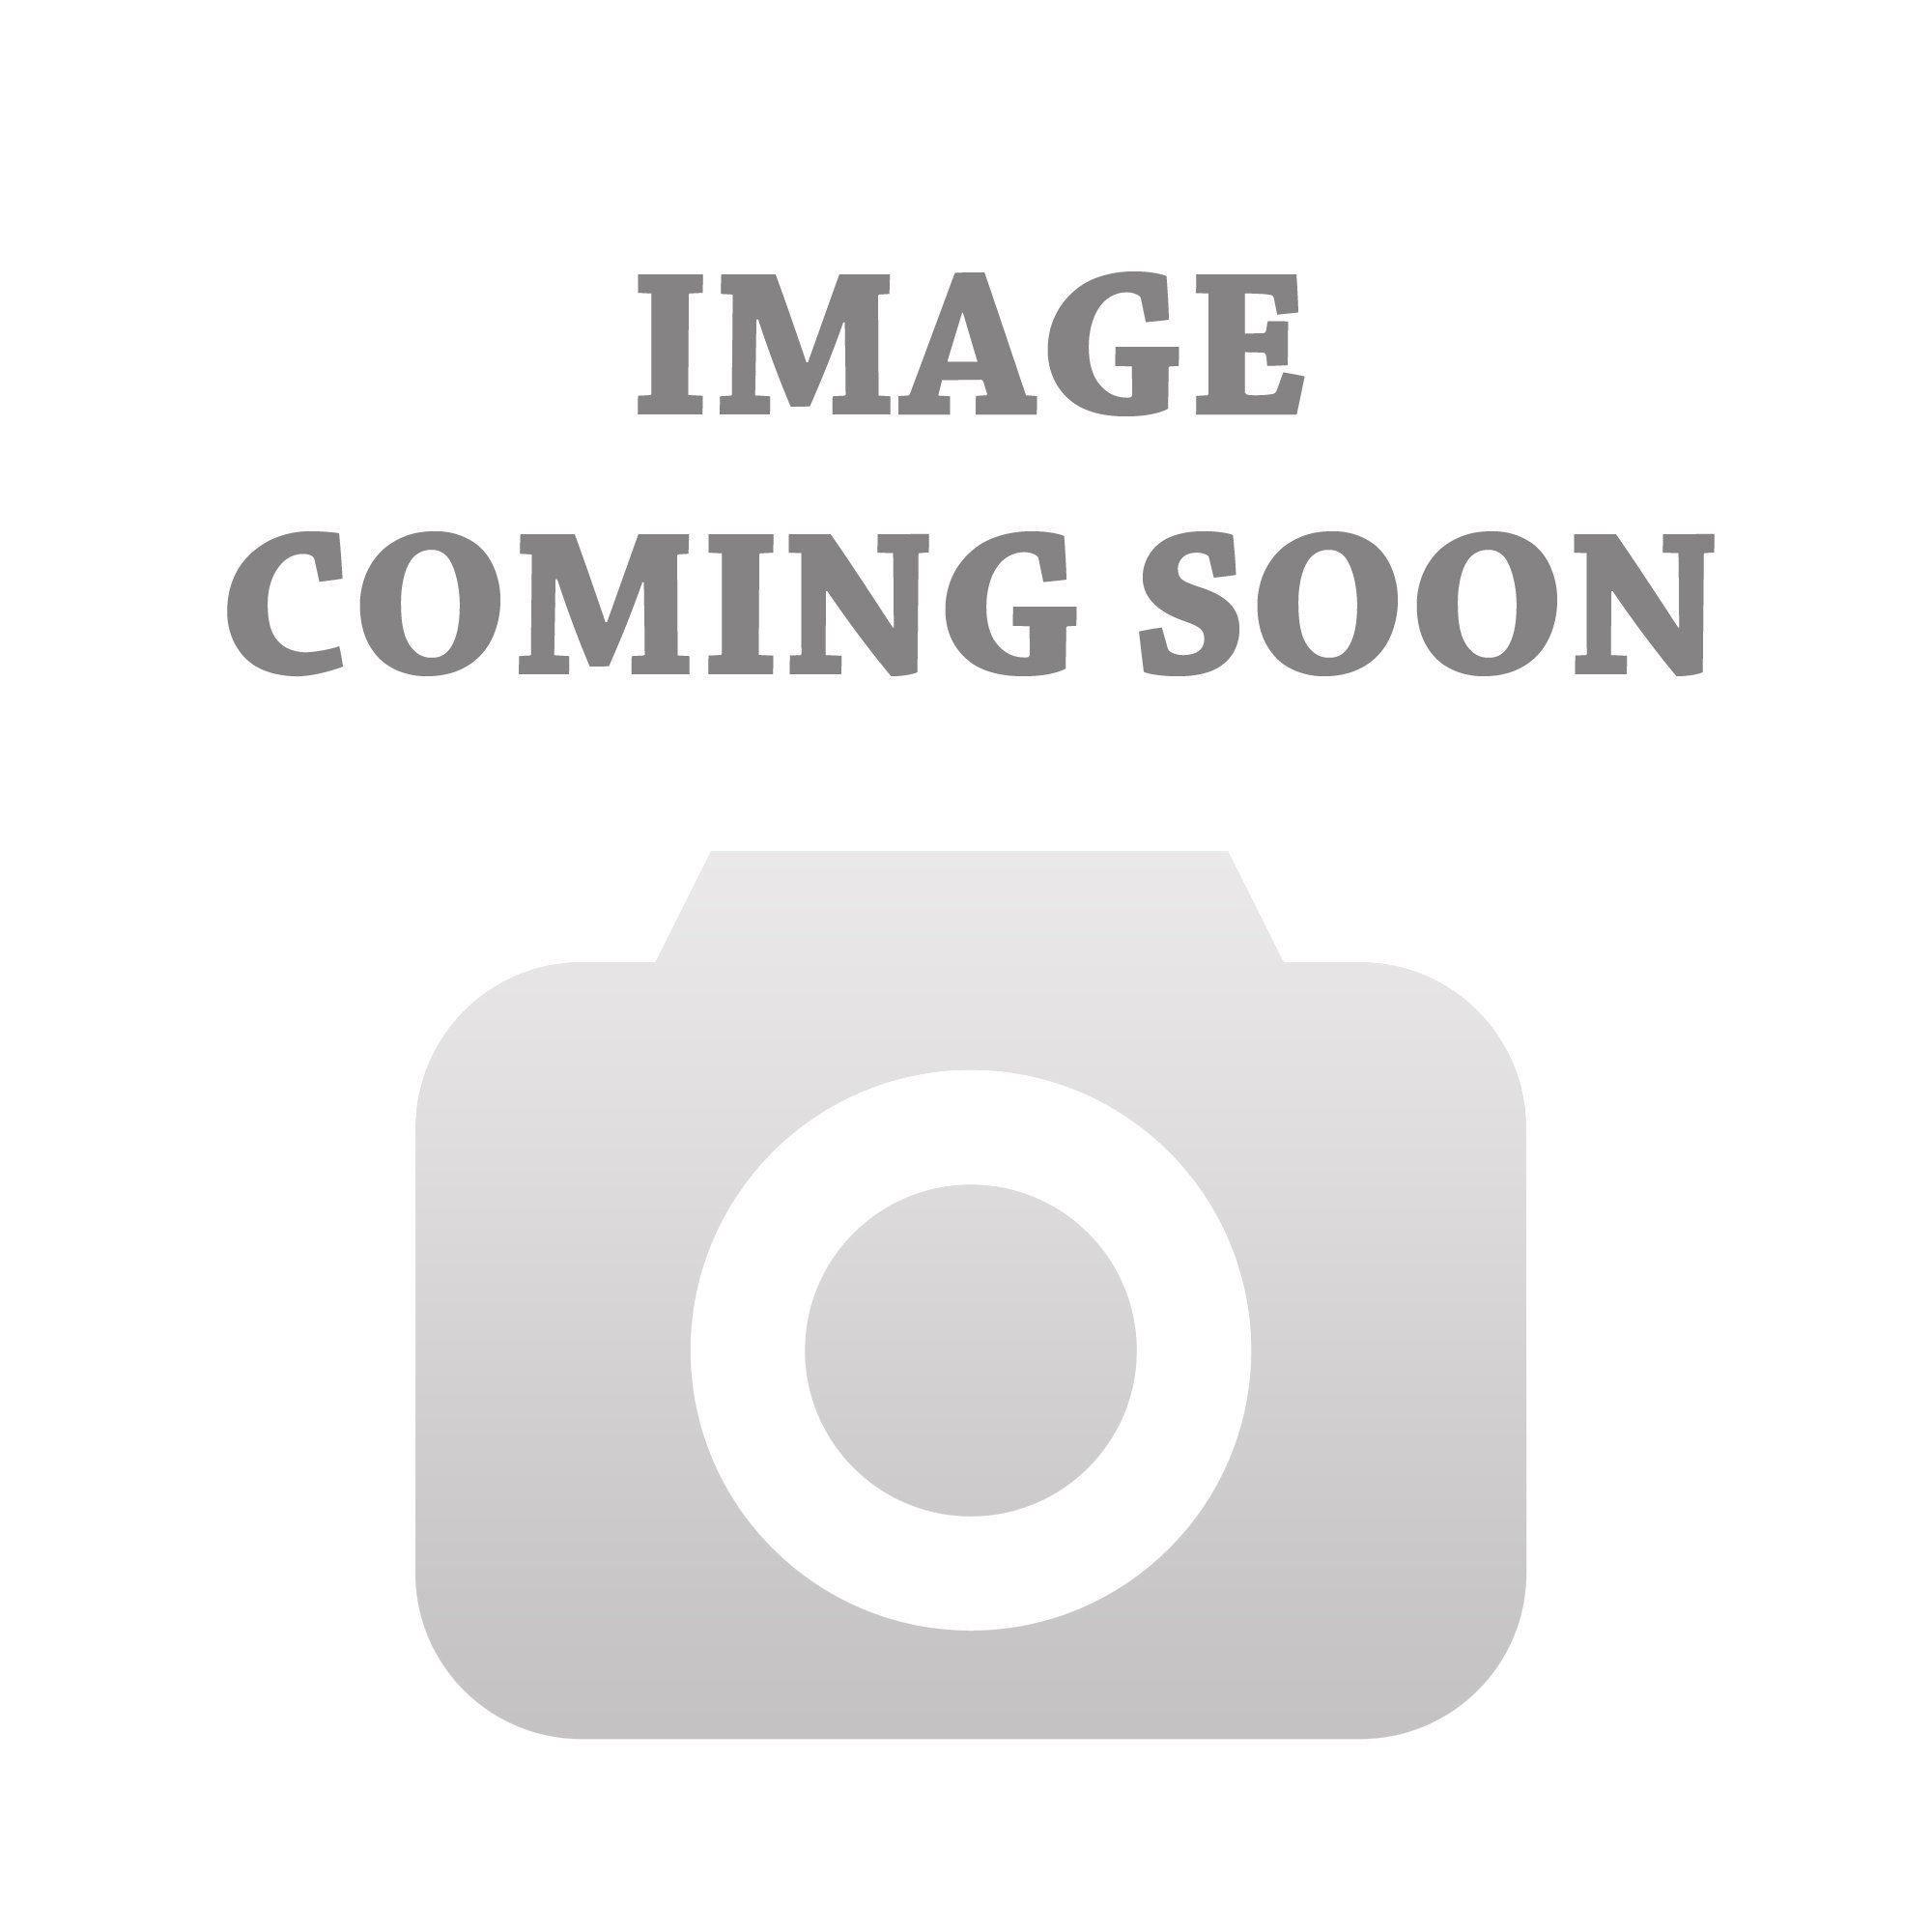 Sarasota Rectangle Rug